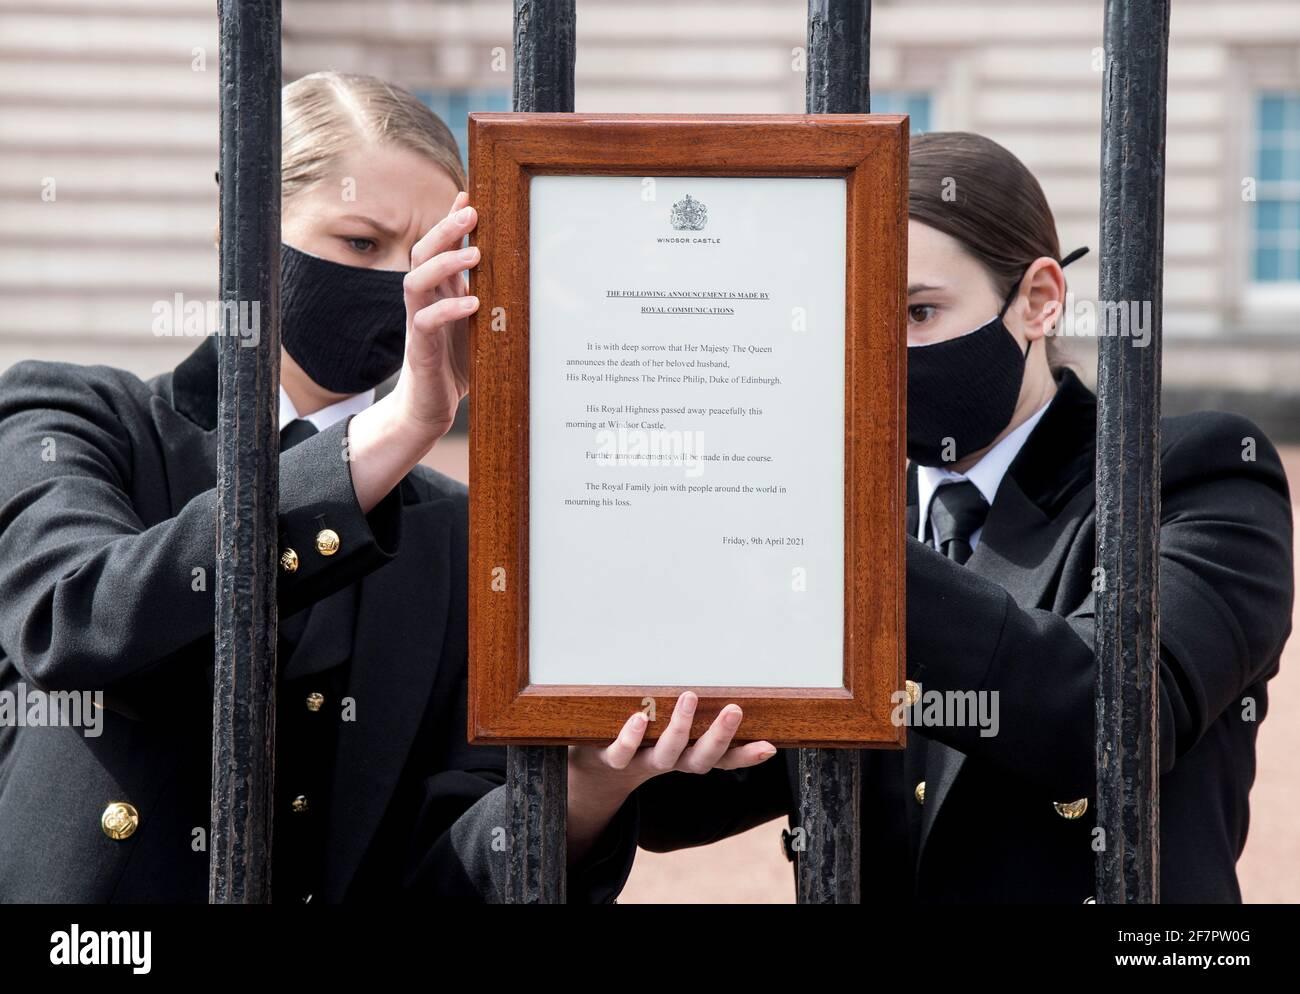 Una señal anunciando la muerte del príncipe Felipe de Gran Bretaña, duque de Edimburgo, que ha muerto a la edad de 99 años, se coloca a las puertas del Palacio de Buckingham, en Londres, Gran Bretaña, el 9 de abril de 2021. Ian West/Pool a través DE REUTERS Foto de stock